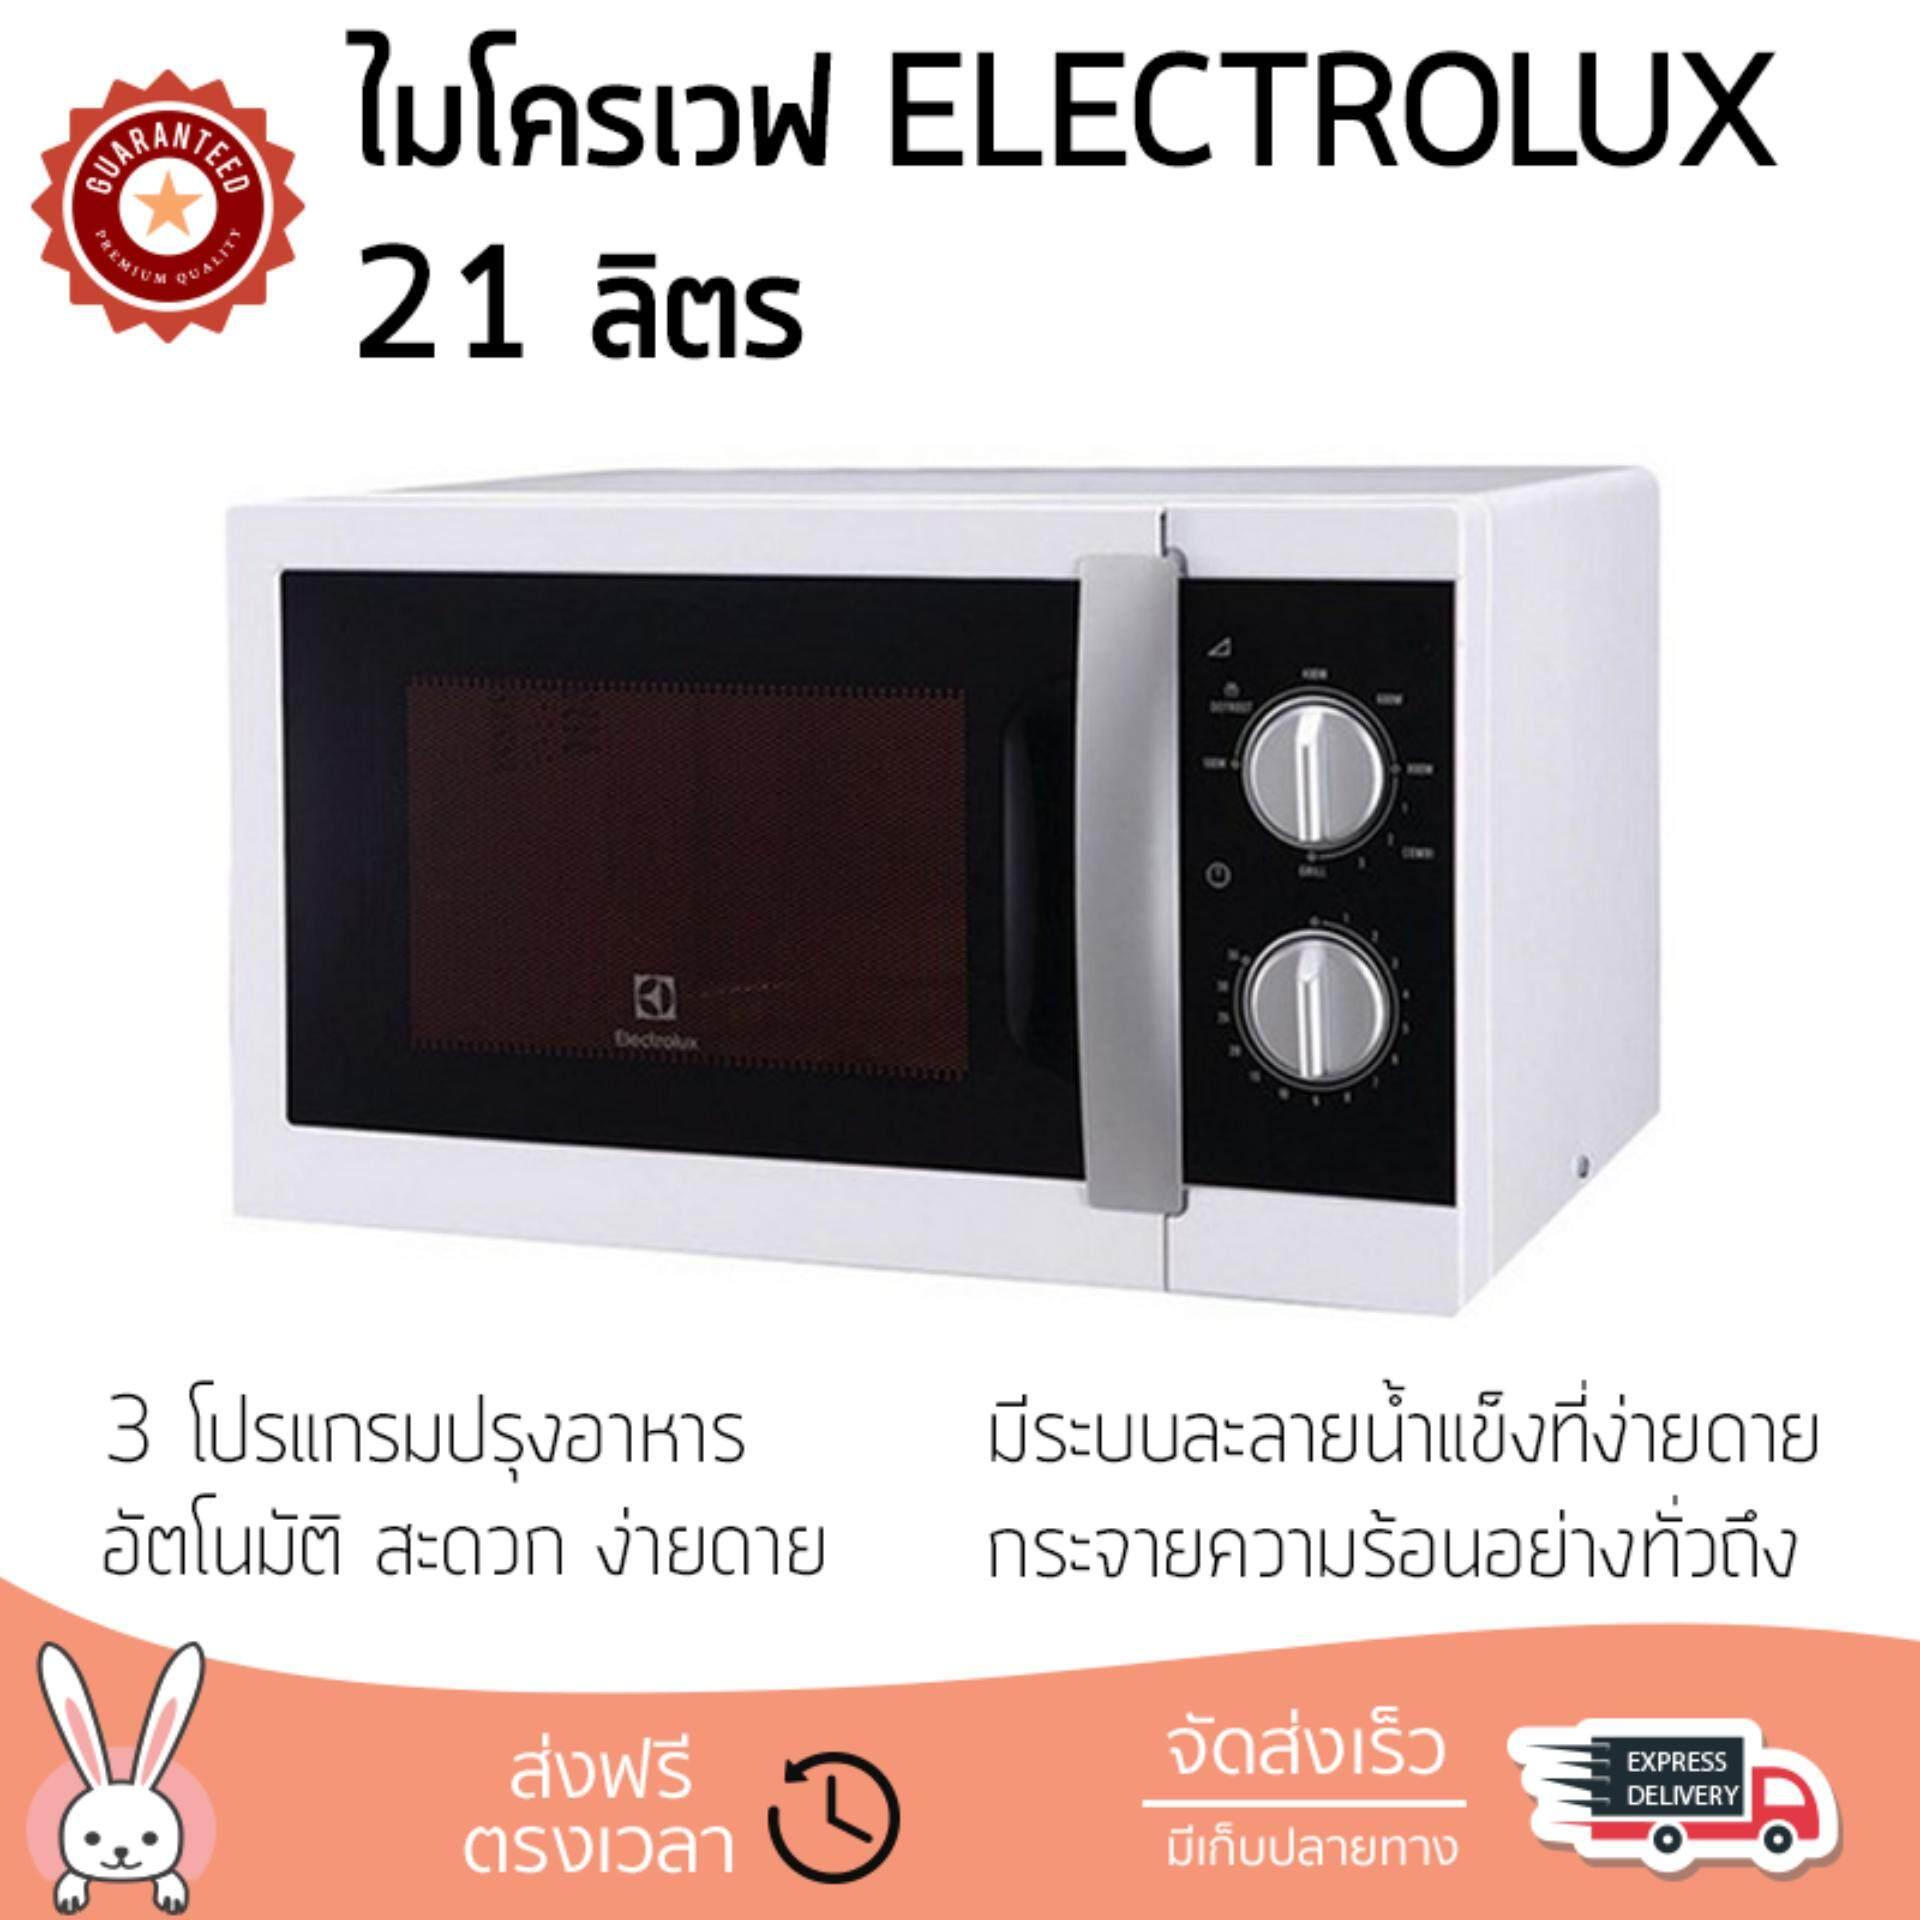 รุ่นใหม่ล่าสุด ไมโครเวฟ เตาอบไมโครเวฟ ไมโครเวฟ ELECTROLUXEMM2101GW 21L   ELECTROLUX   EMM2101GW ปรับระดับความร้อนได้หลายระดับ  มีฟังก์ชันละลายน้ำแข็ง ใช้งานง่าย Microwave จัดส่งฟรีทั่วประเทศ